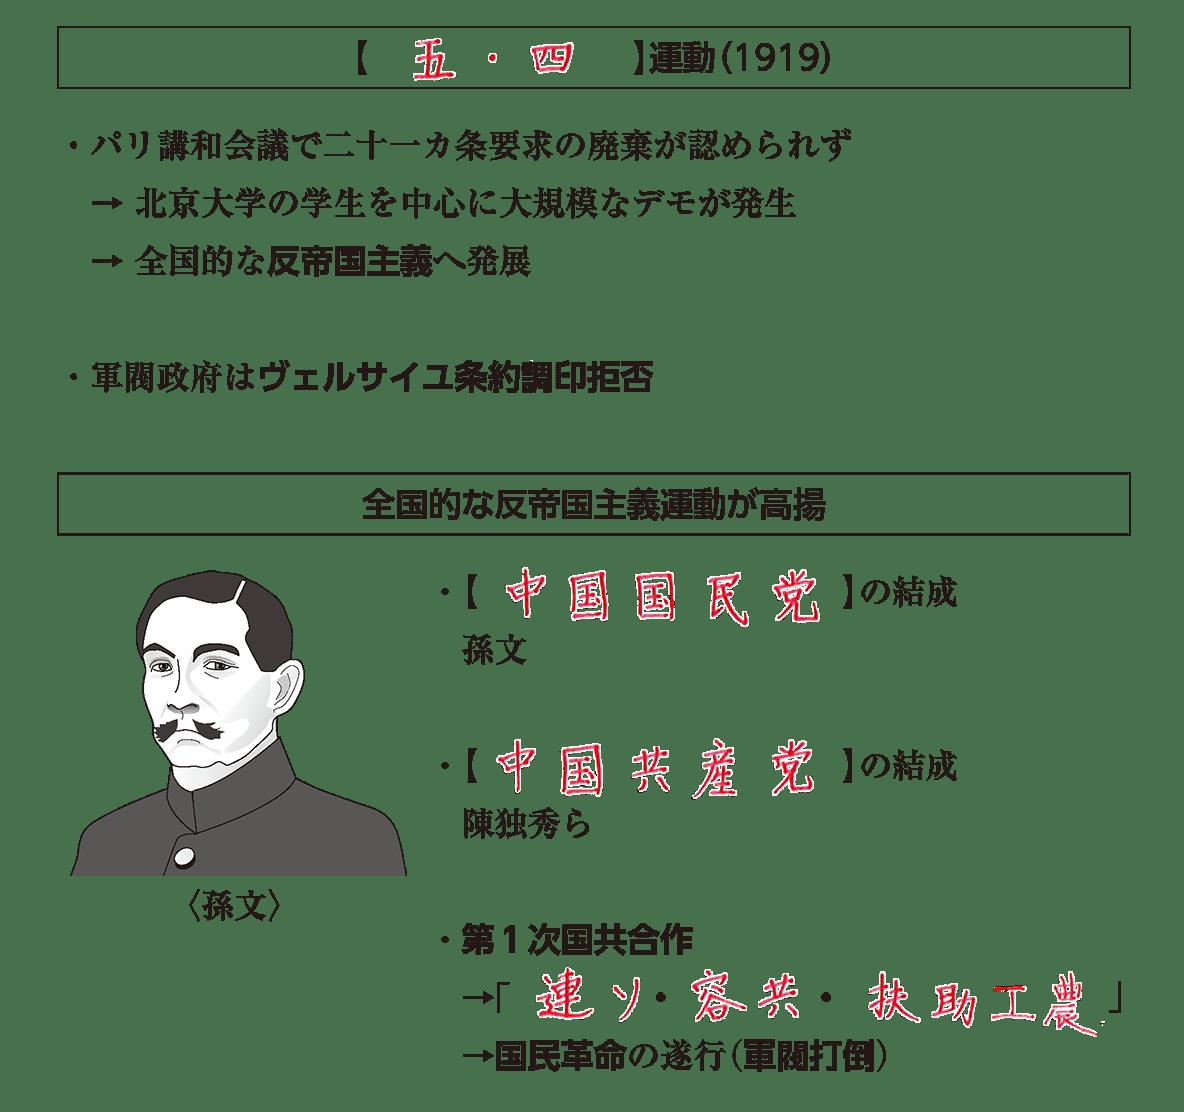 戦間期のアジア諸地域1 ポイント2 答え全部